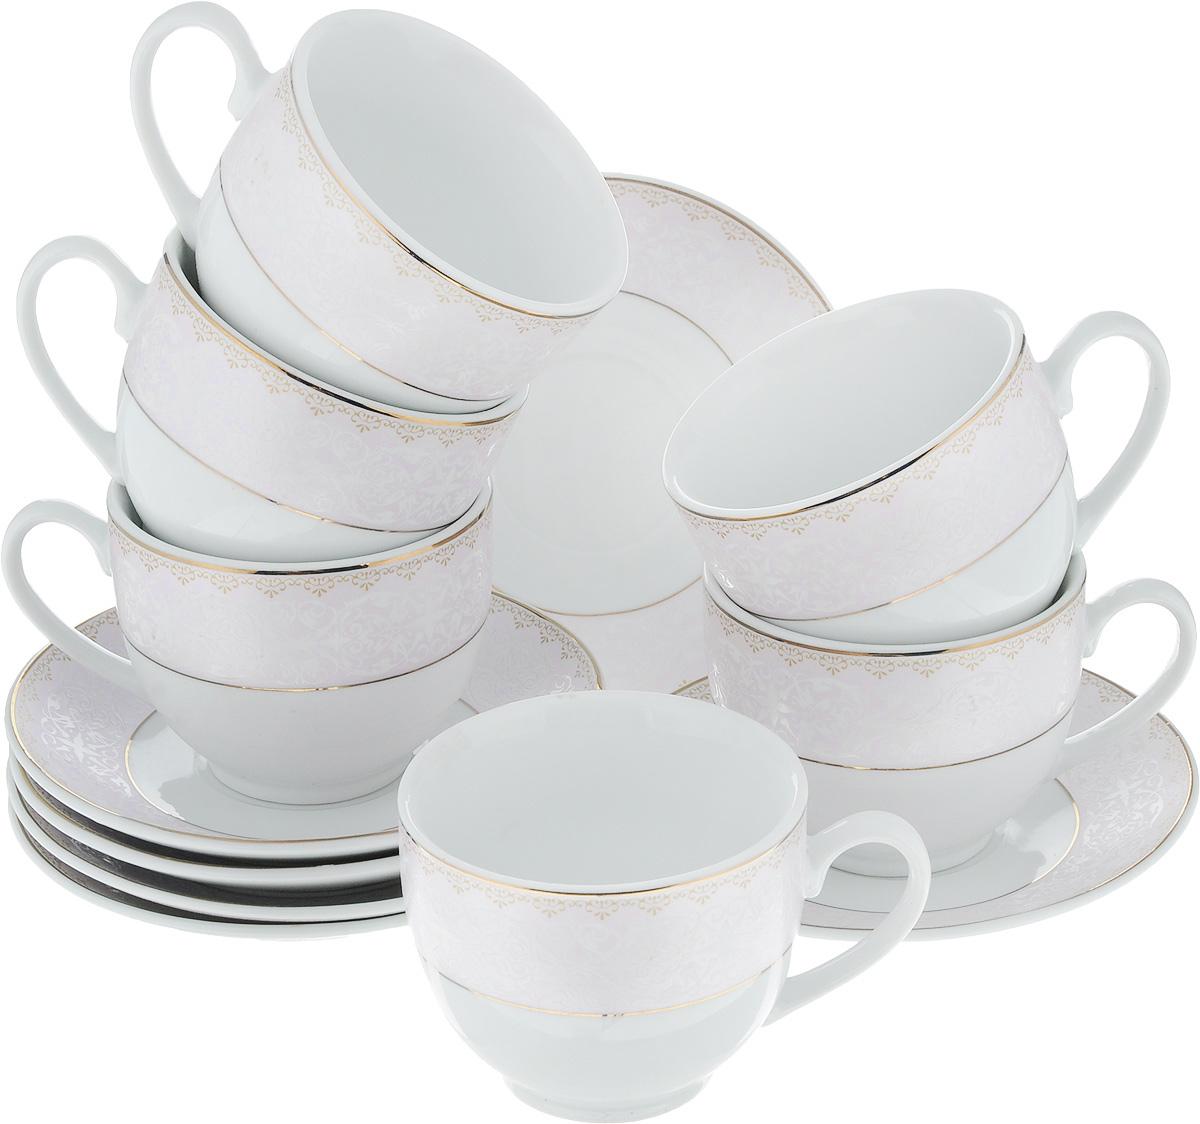 Набор чайный Loraine, 12 предметов. 2590225902Чайный набор Loraine состоит из шести чашек и шести блюдец. Изделия выполнены из высококачественного фарфора и оформлены нежным декором. Такой набор изящно дополнит сервировку стола к чаепитию. Благодаря оригинальному дизайну и качеству исполнения, он станет замечательным подарком для ваших друзей и близких. Объем чашки: 240 мл. Диаметр чашки (по верхнему краю): 8,5 см. Высота чашки: 7 см. Диаметр блюдца: 14 см.Высота блюдца: 2 см.